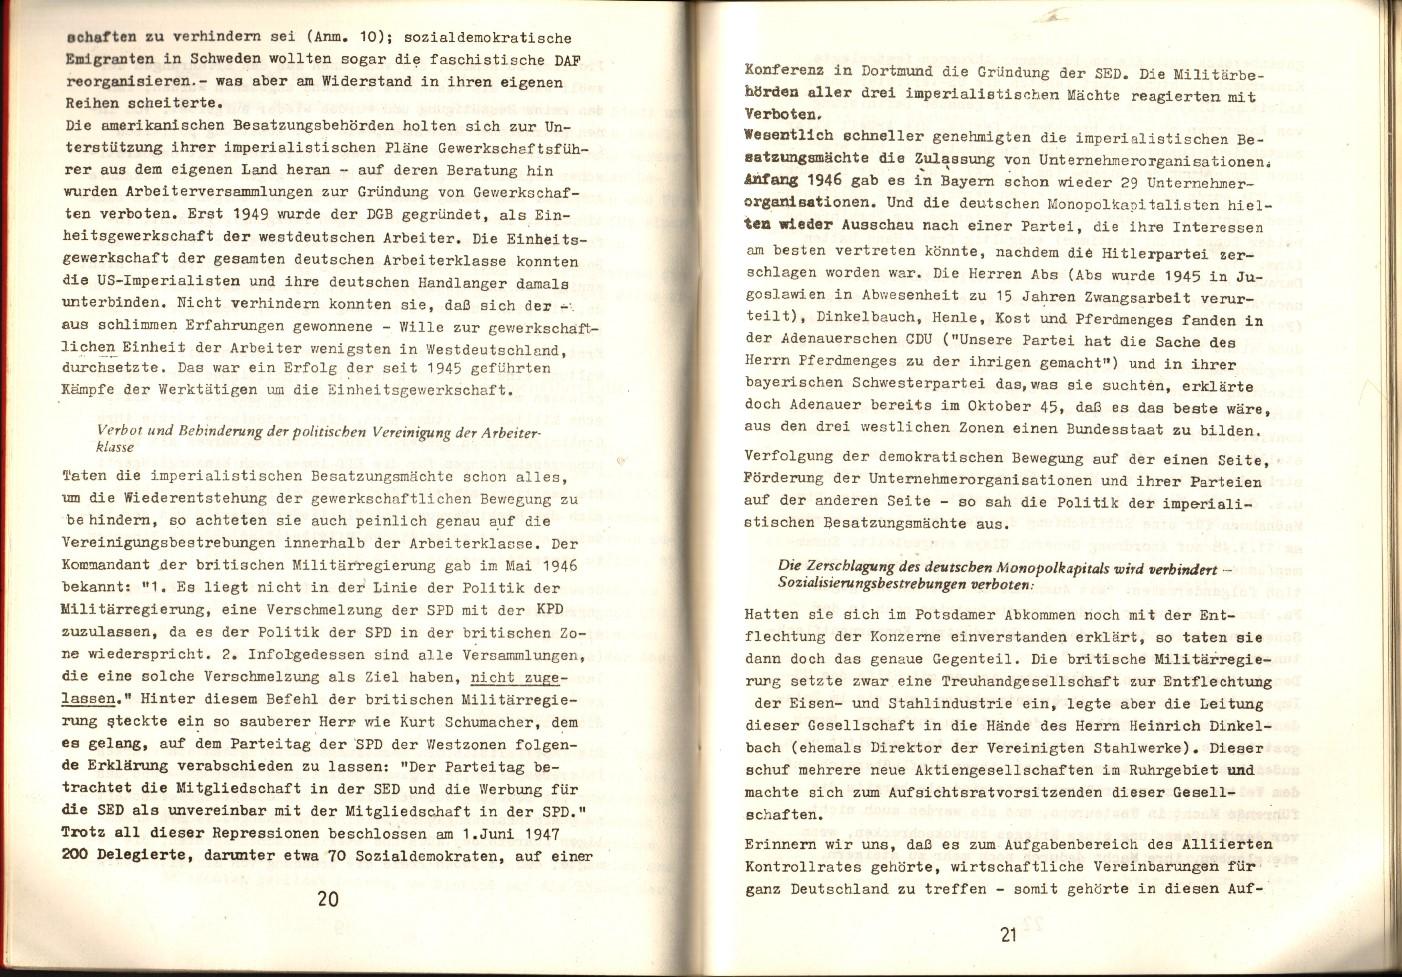 KHB_RSF_1974_25_Jahre_Grundgesetz_13